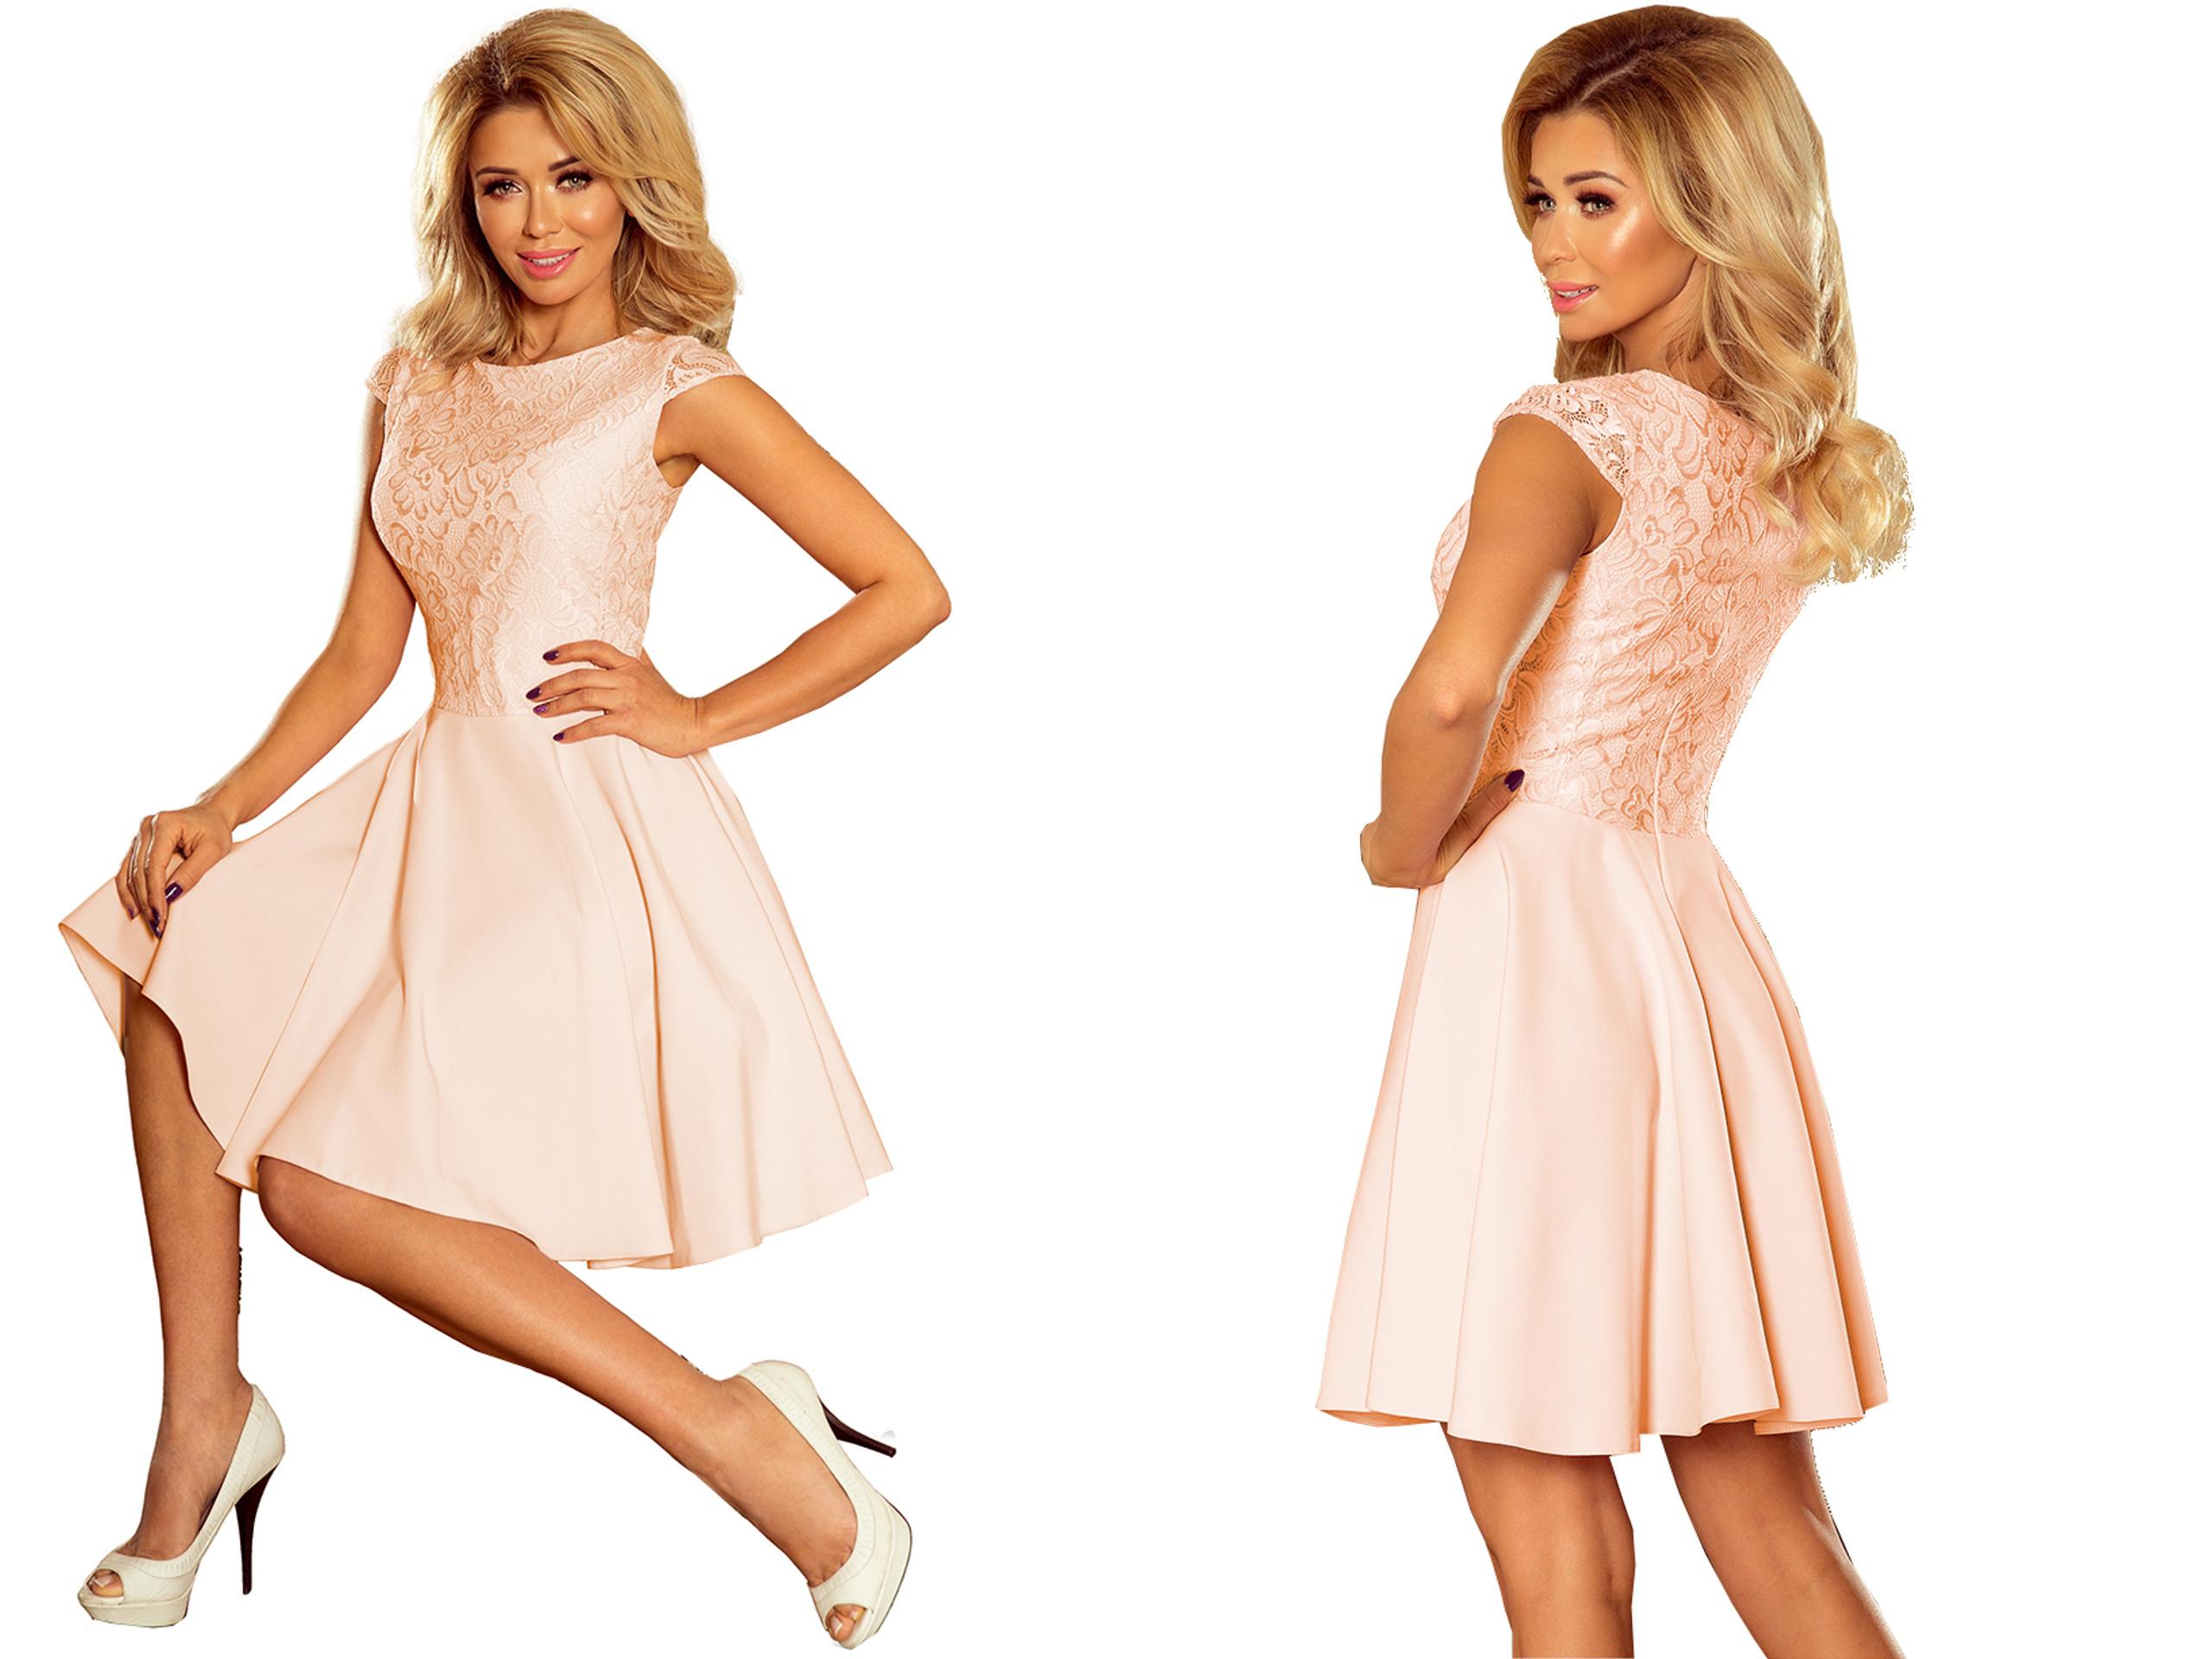 6b75958c26 NOWOCZESNA Sukienka NA PRZYJĘCIE WESELE 157-7 XL - 7400060459 ...